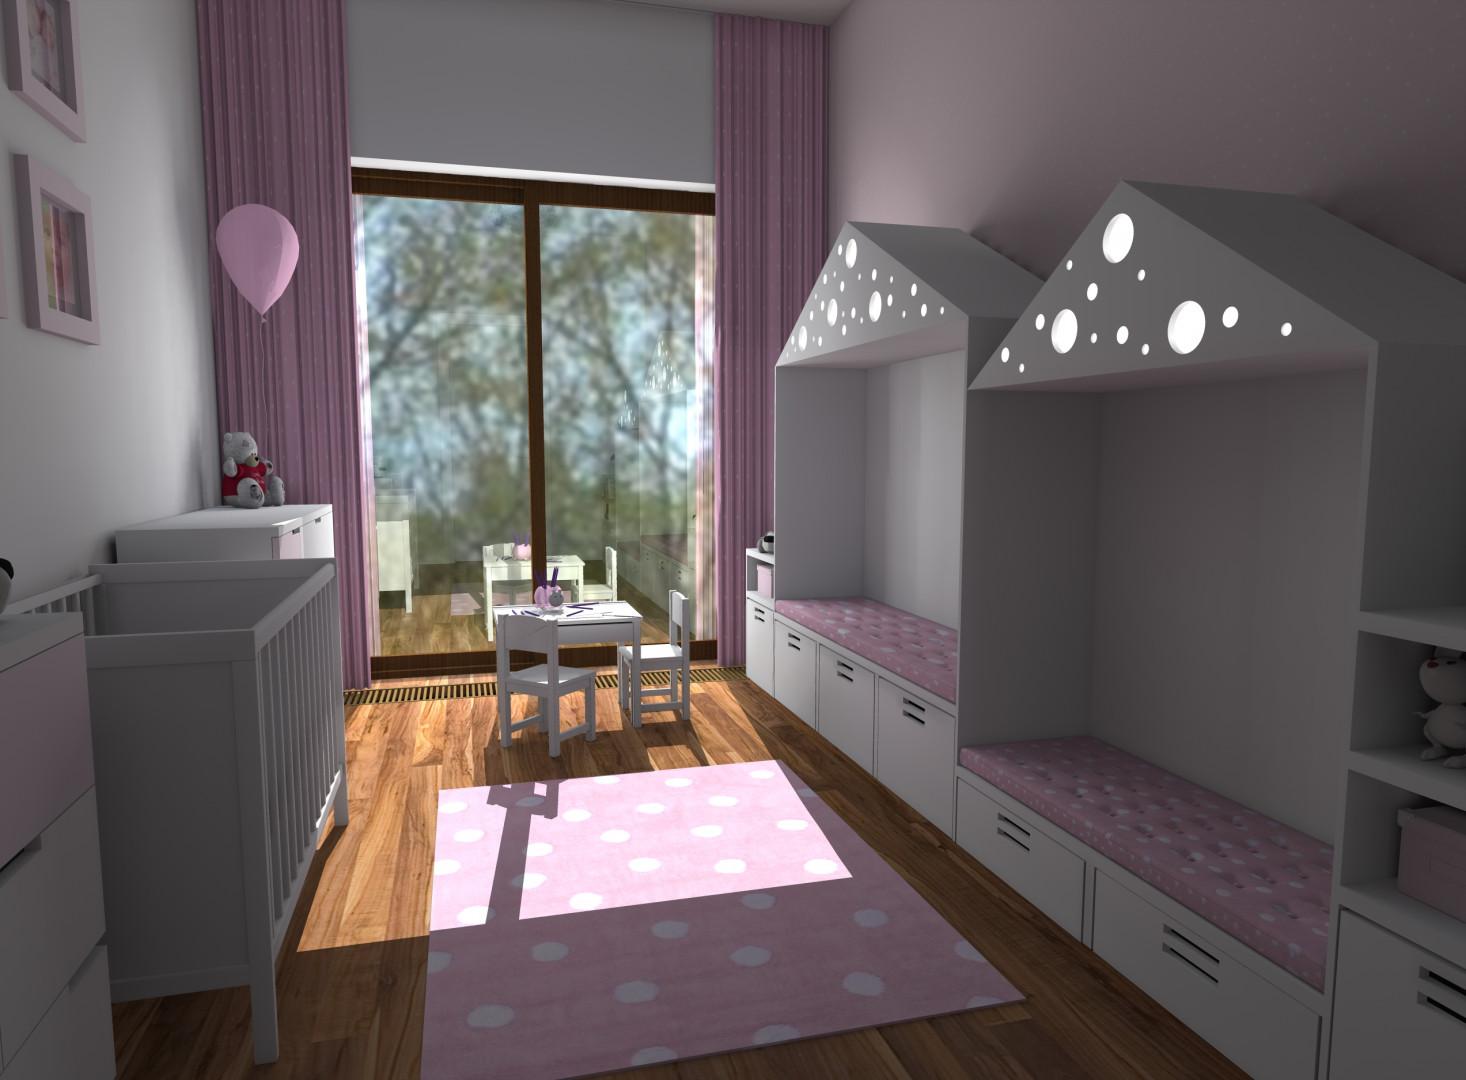 duzy_dom10